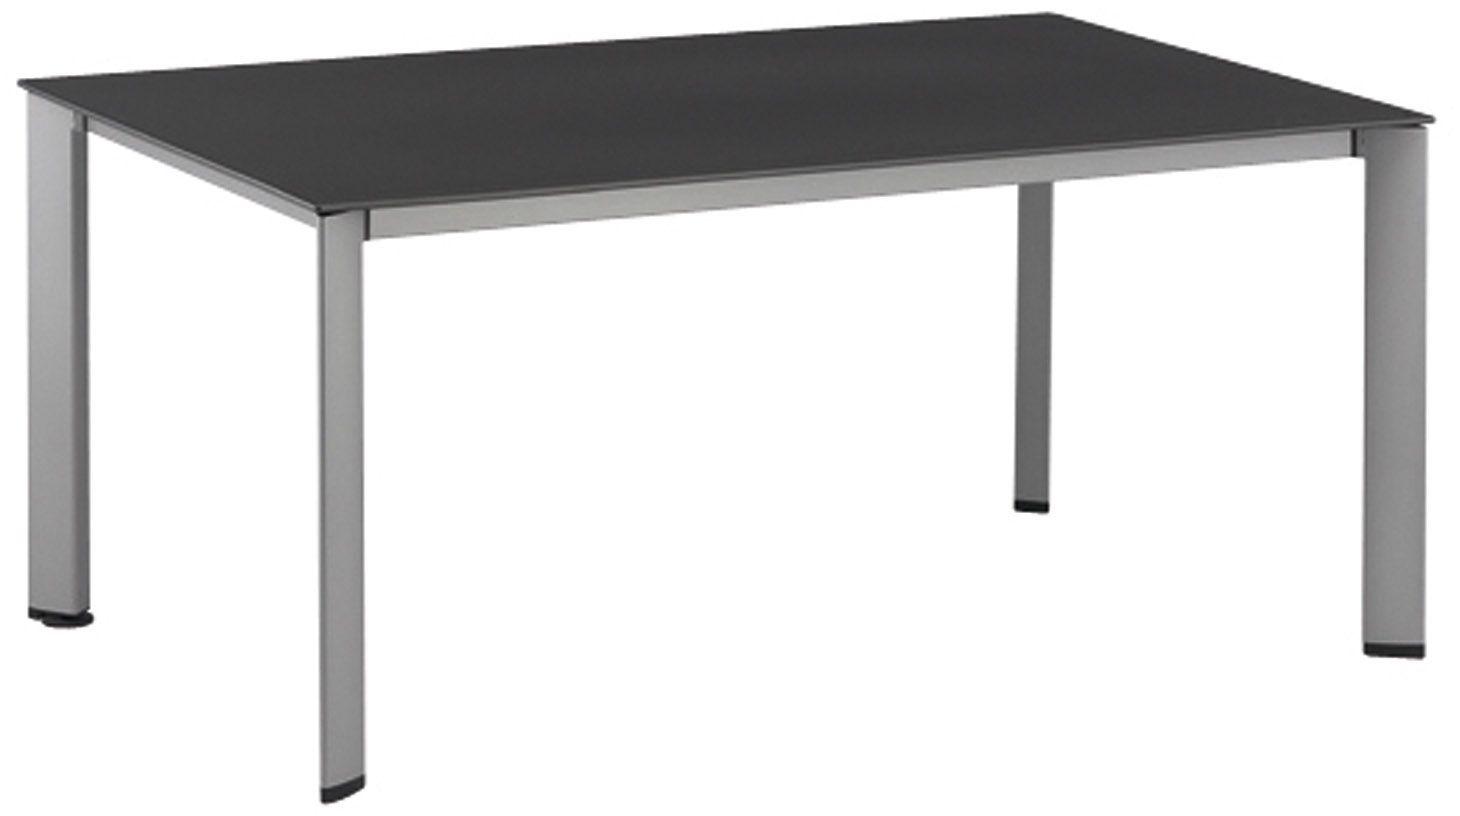 D co r sine poids net - Deco table exterieur ...